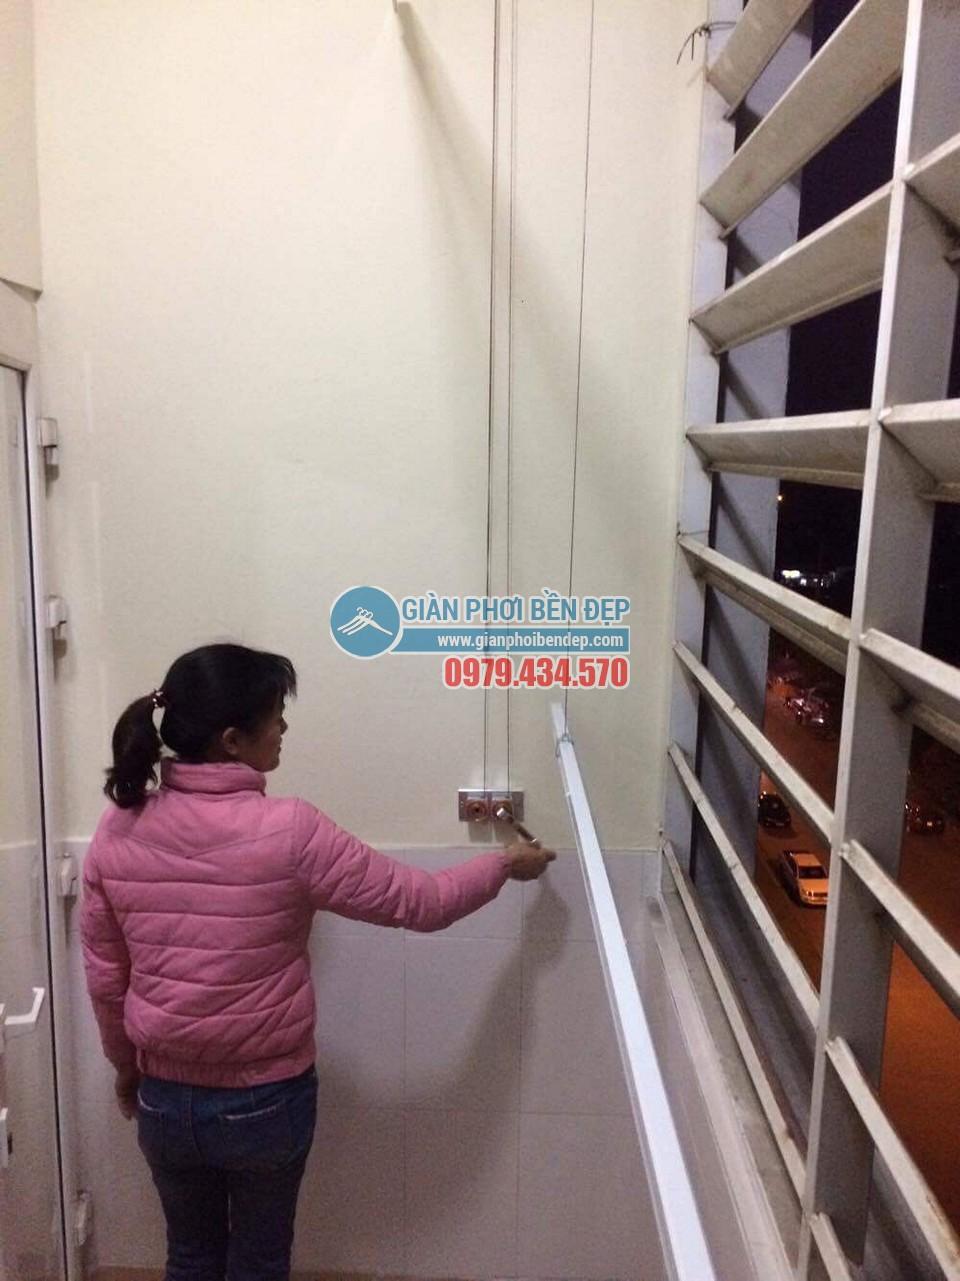 Hoàn thiện lắp đặt giàn phơi thông minh tại nhà chị Hương, chung cư CT6 Đặng Xá - 06